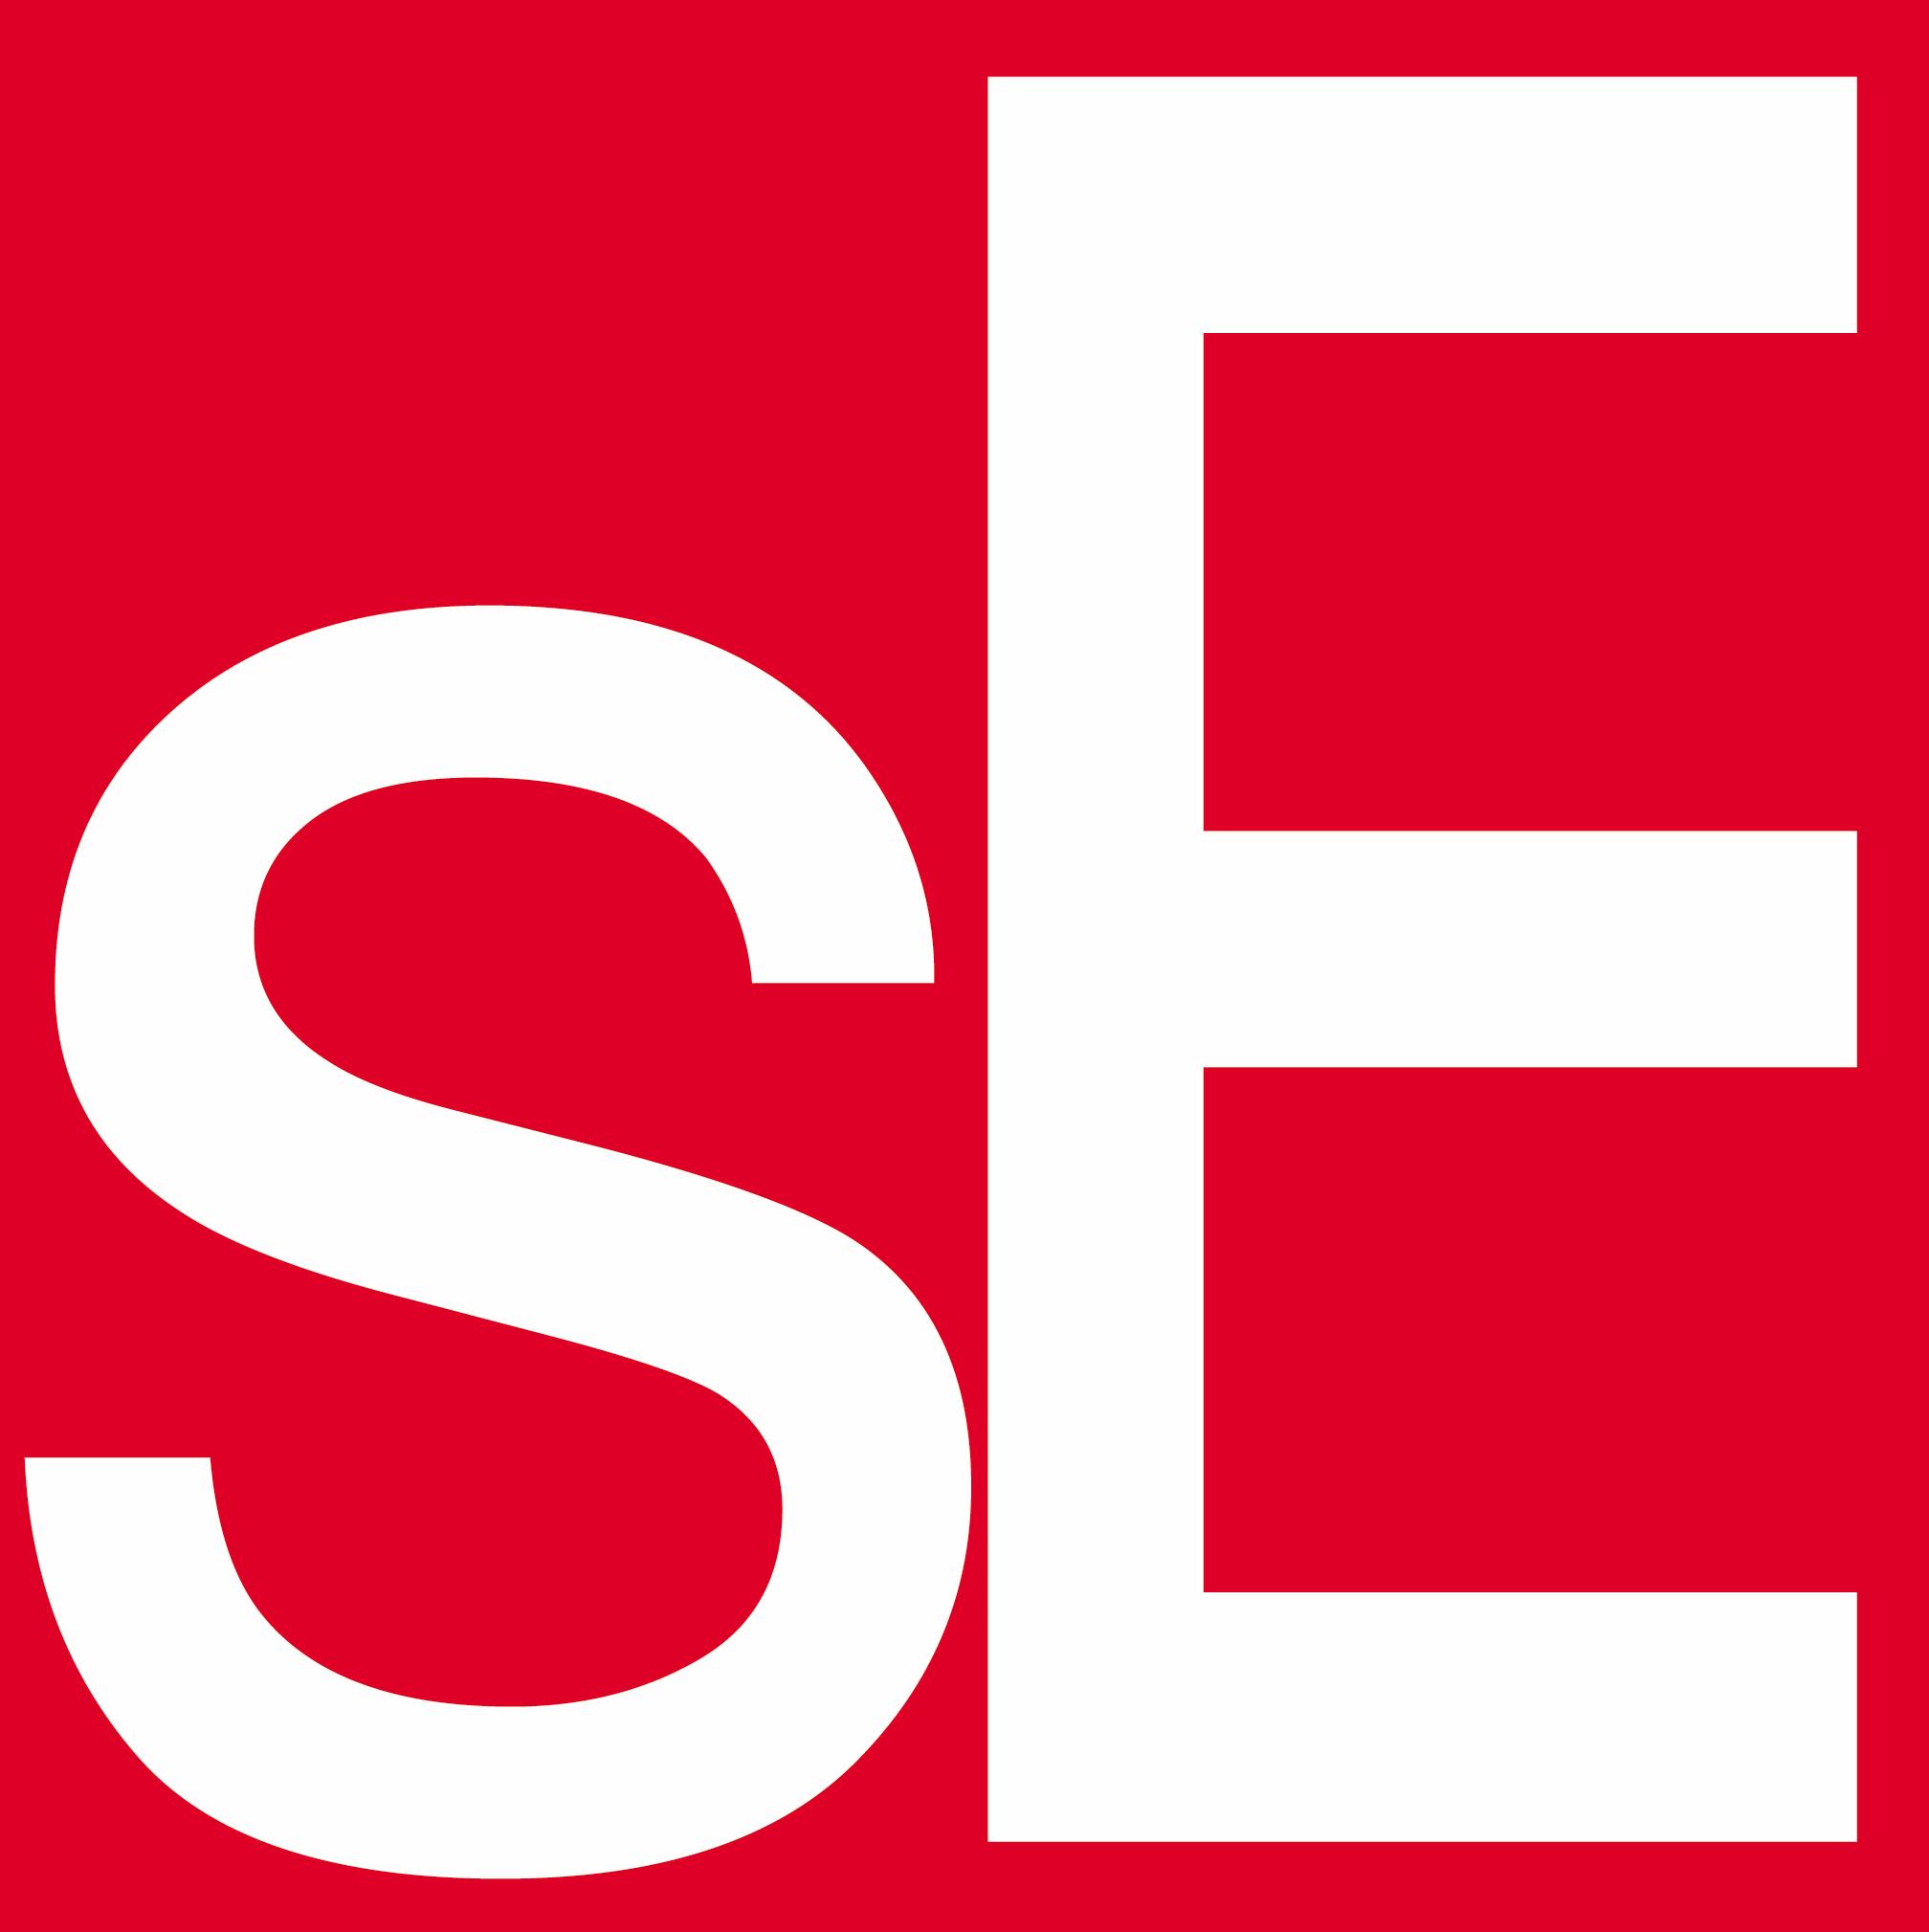 sE_Electronics